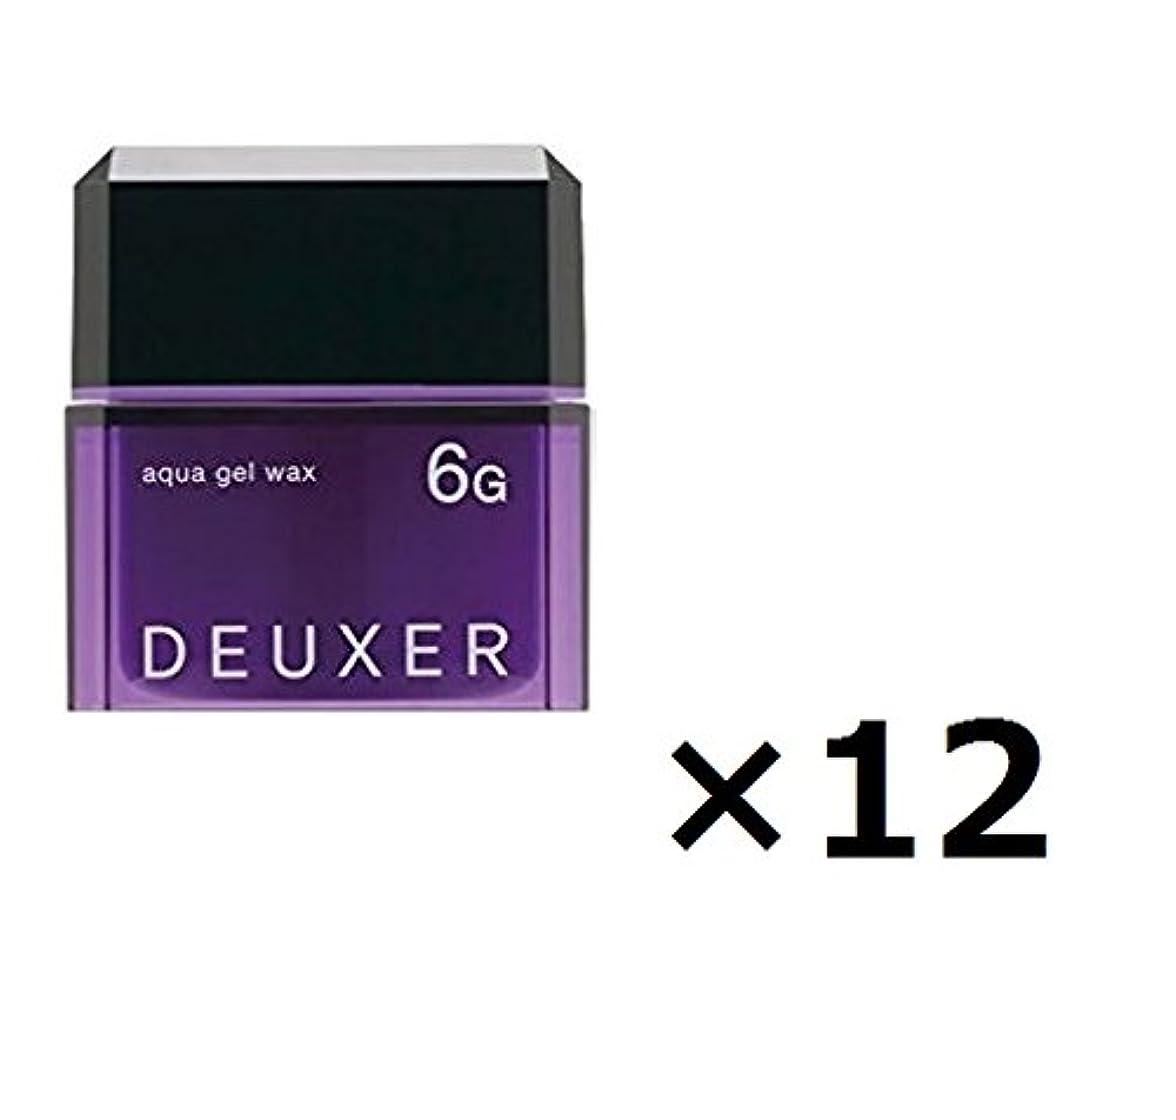 スキップ冷ややかな排気【12個セット】ナンバースリー デューサー アクアジェルワックス 6G 80g